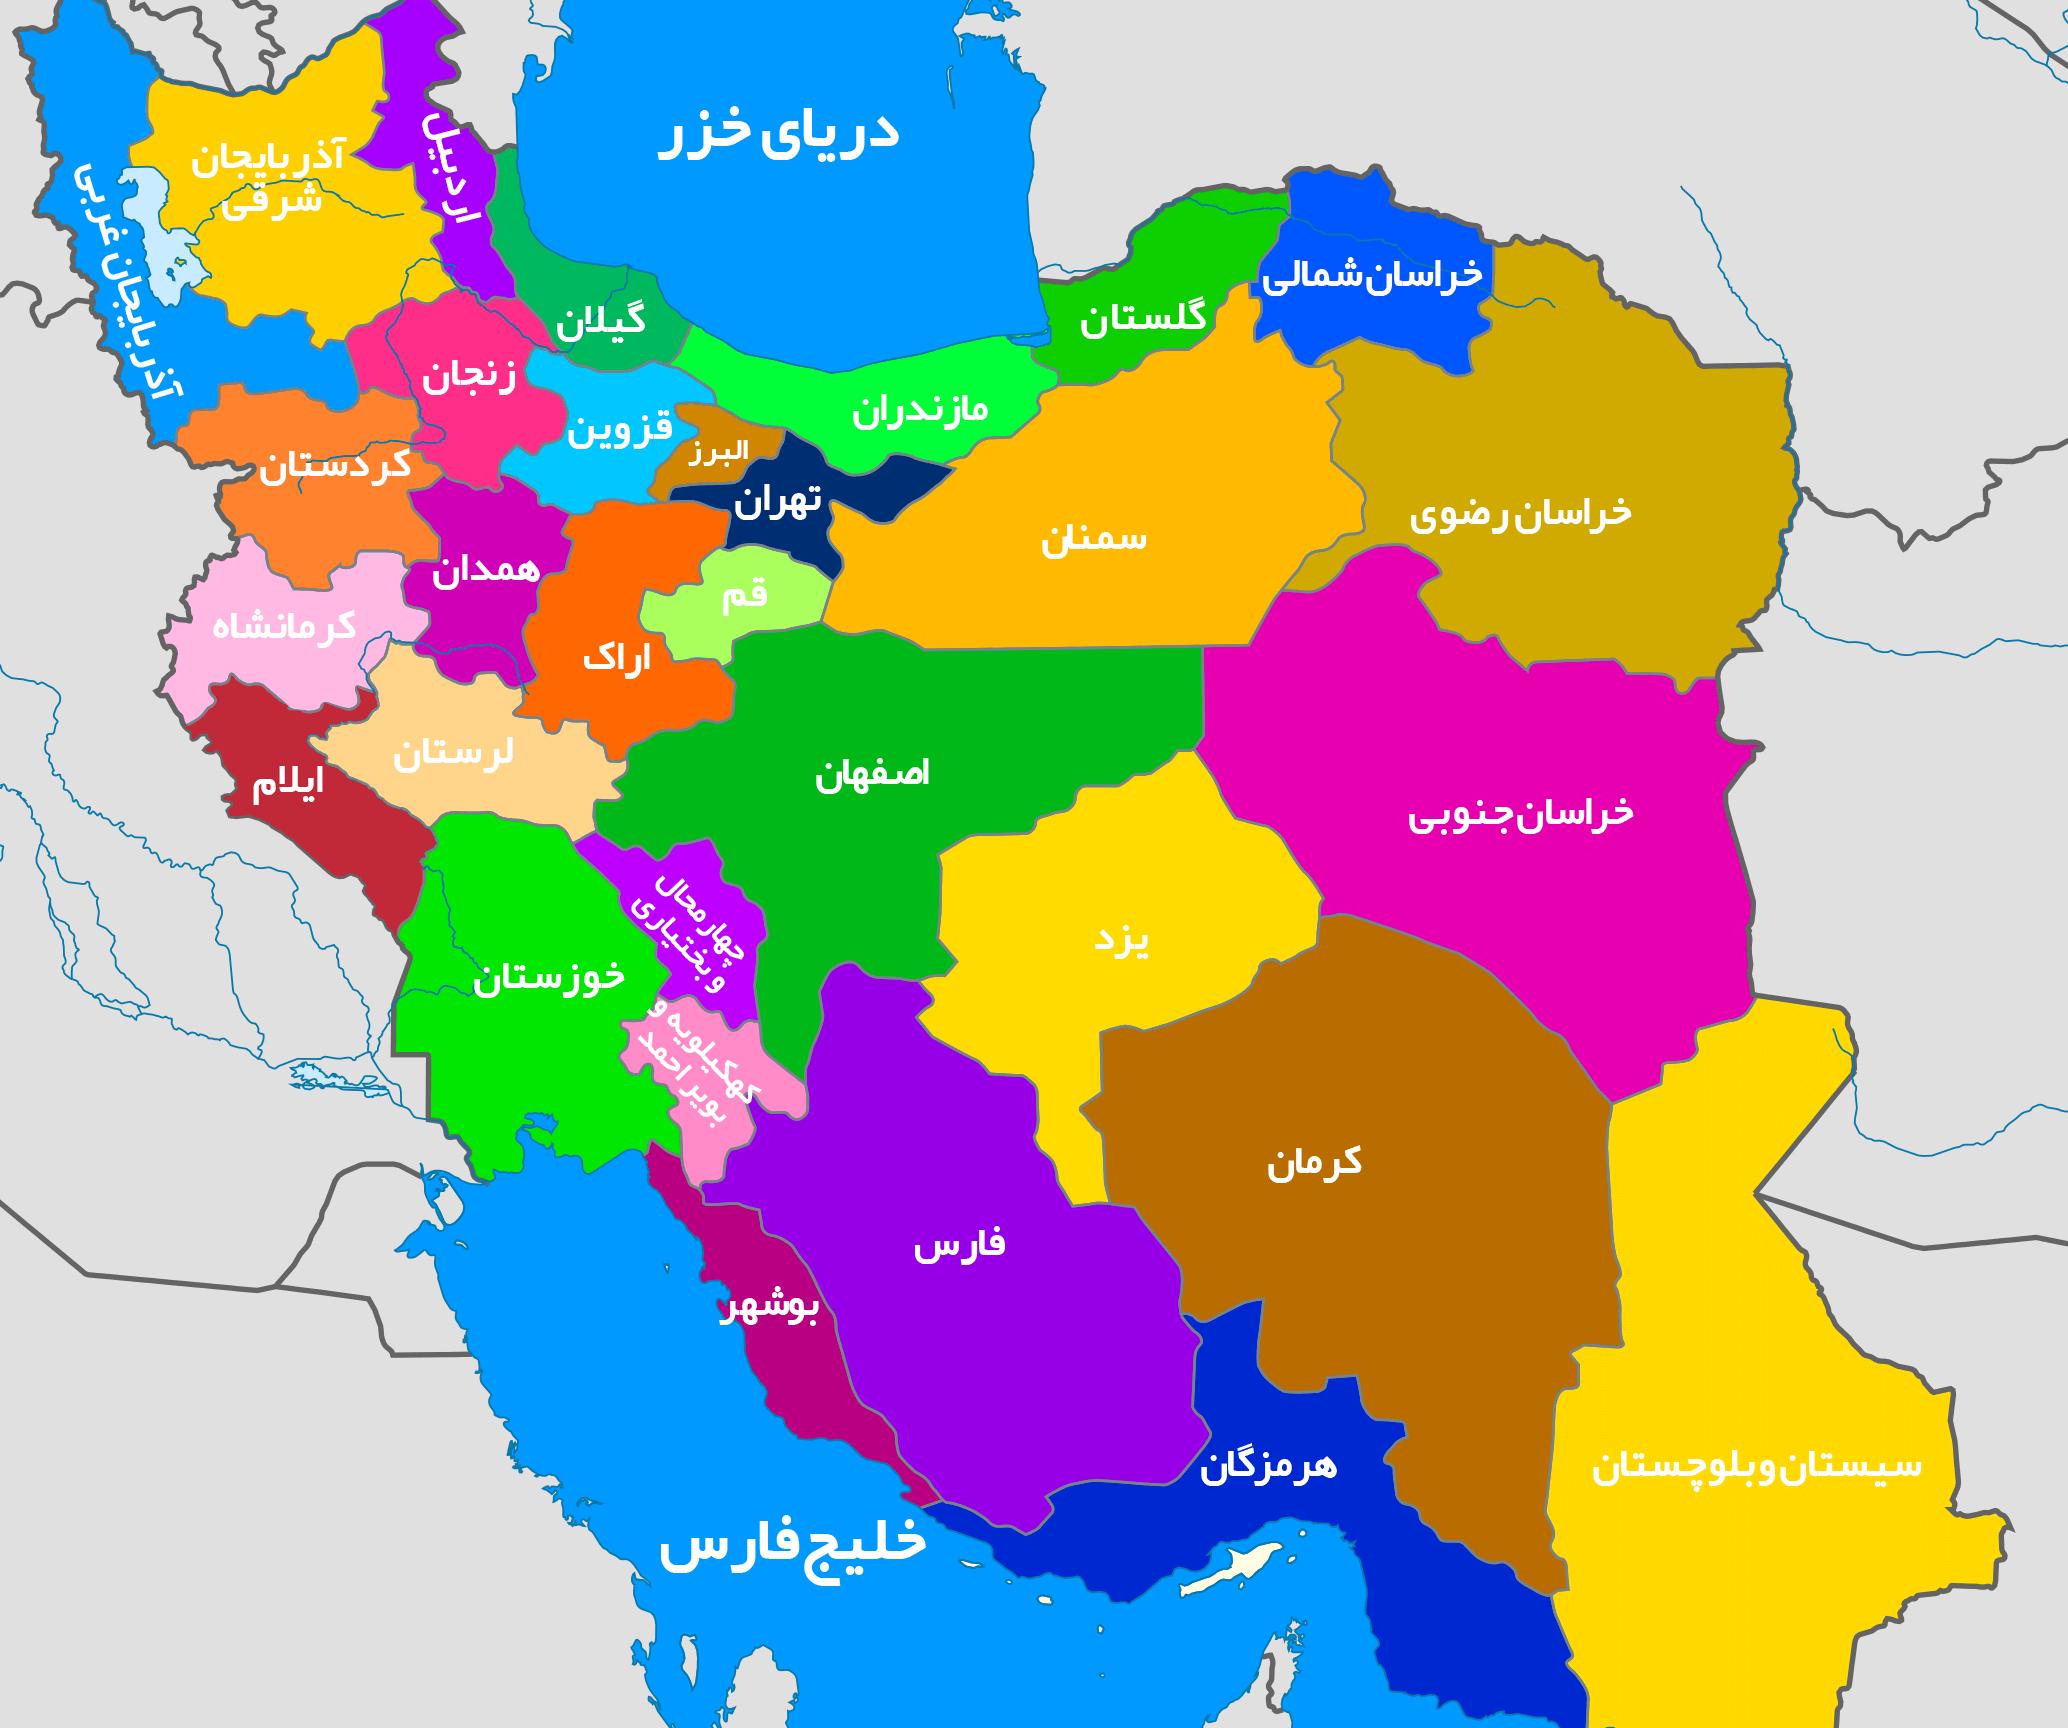 (جدول) جمعیت شهرهای ایران